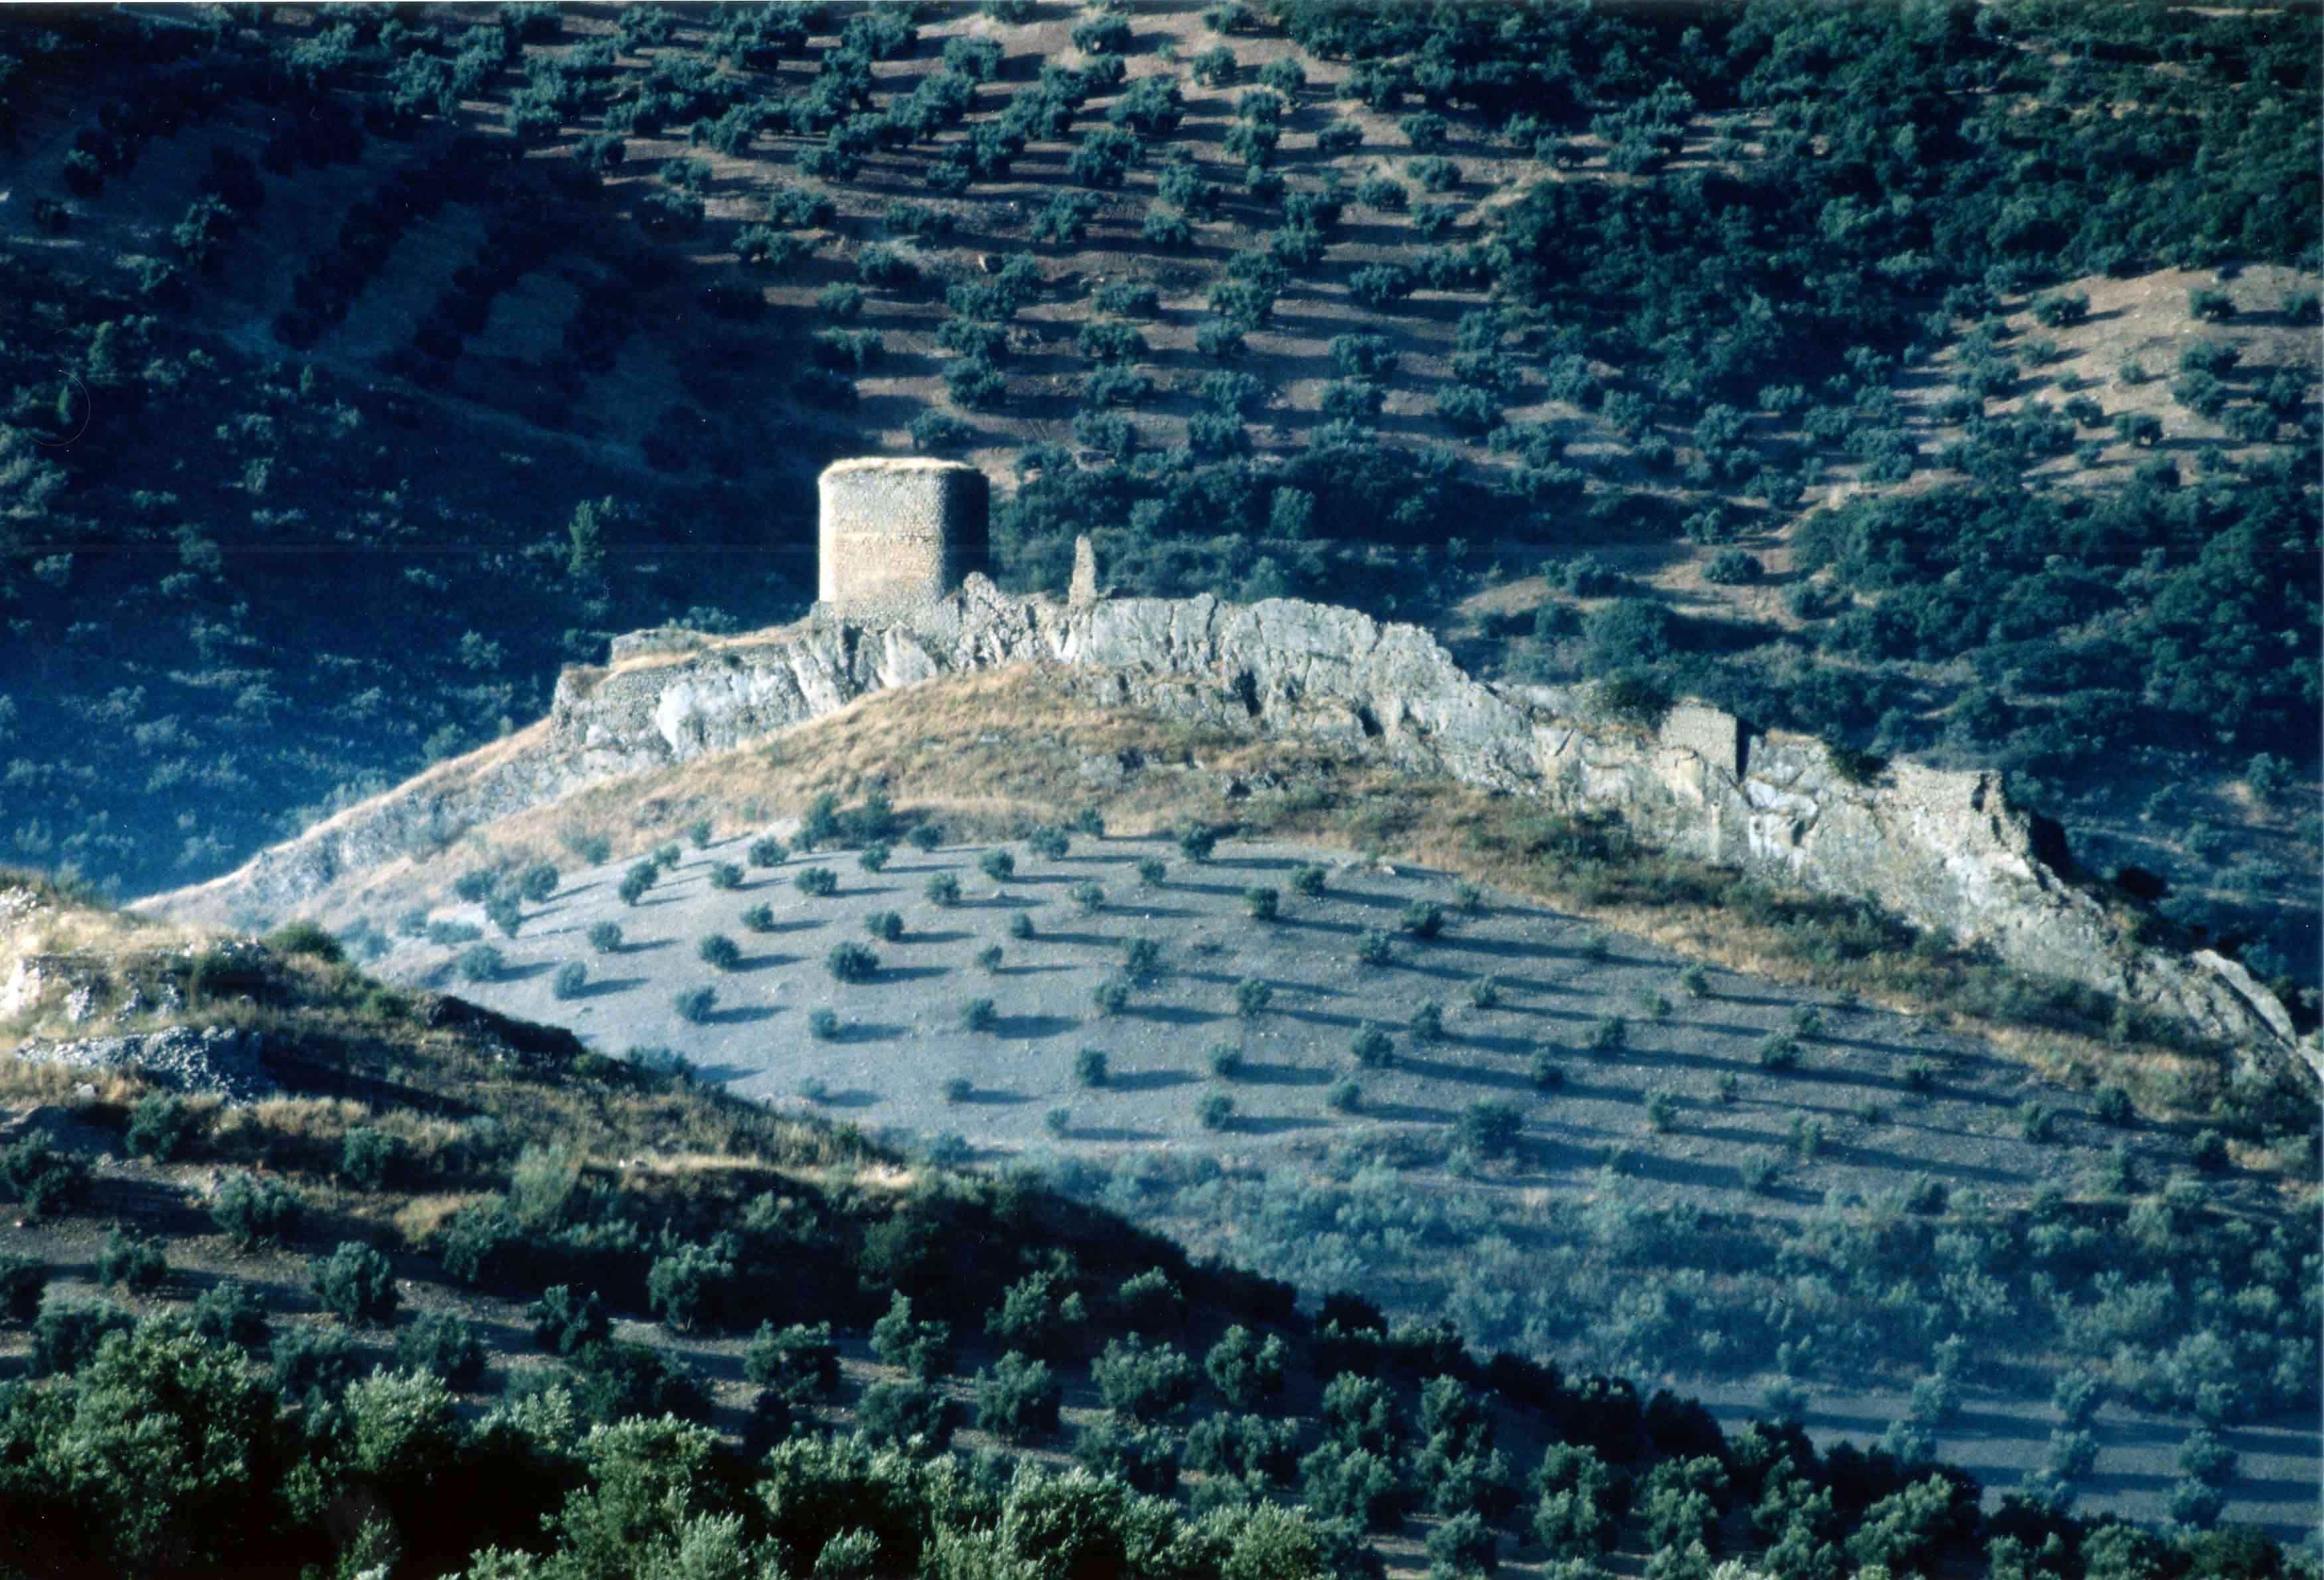 Por fin es viernes y hoy disfrutamos del Castillo de la Encomienda de Víboras la población de Las Casillas anejo de Martos.